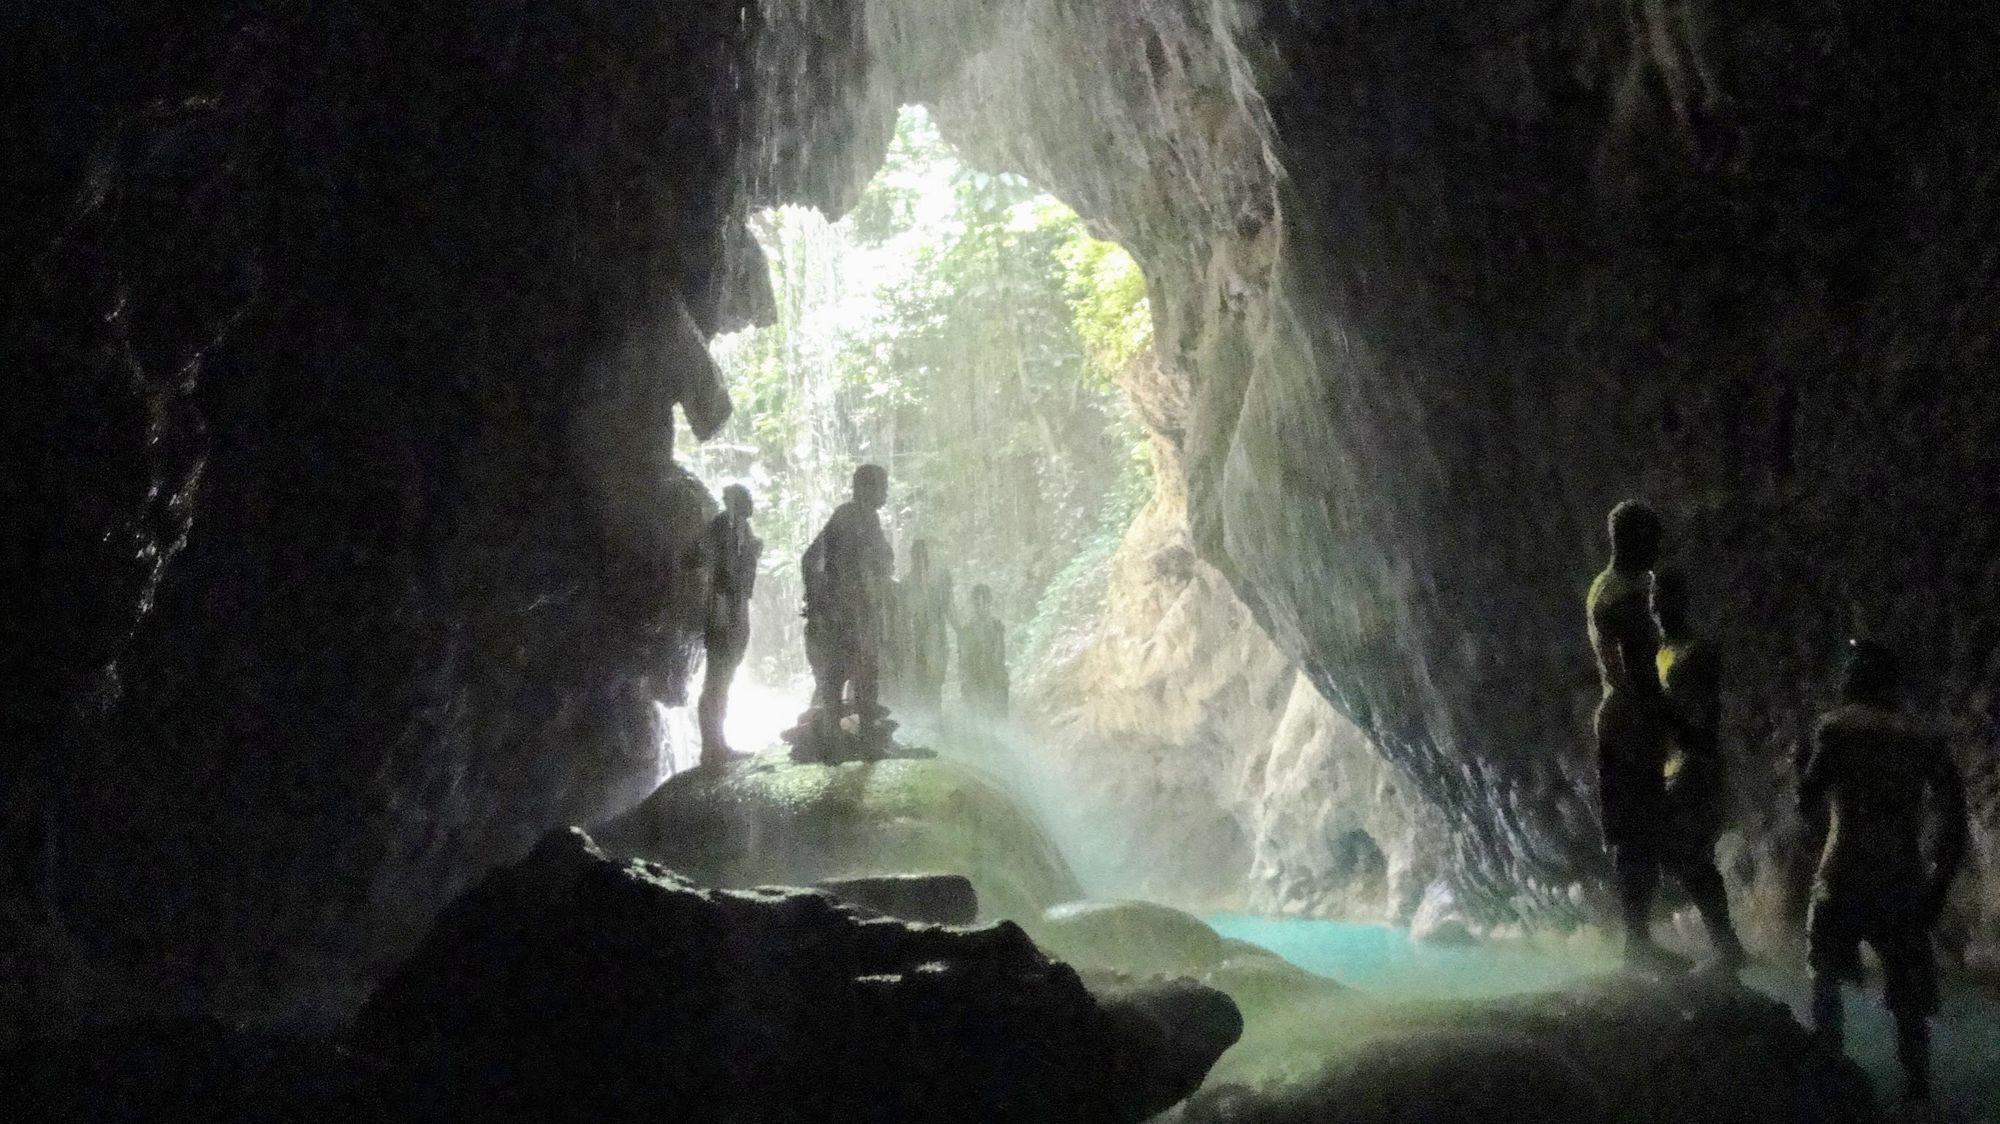 Cascadas y Río subterráneo poco conocido por turistas en camino a Port Antonio, Jamaica